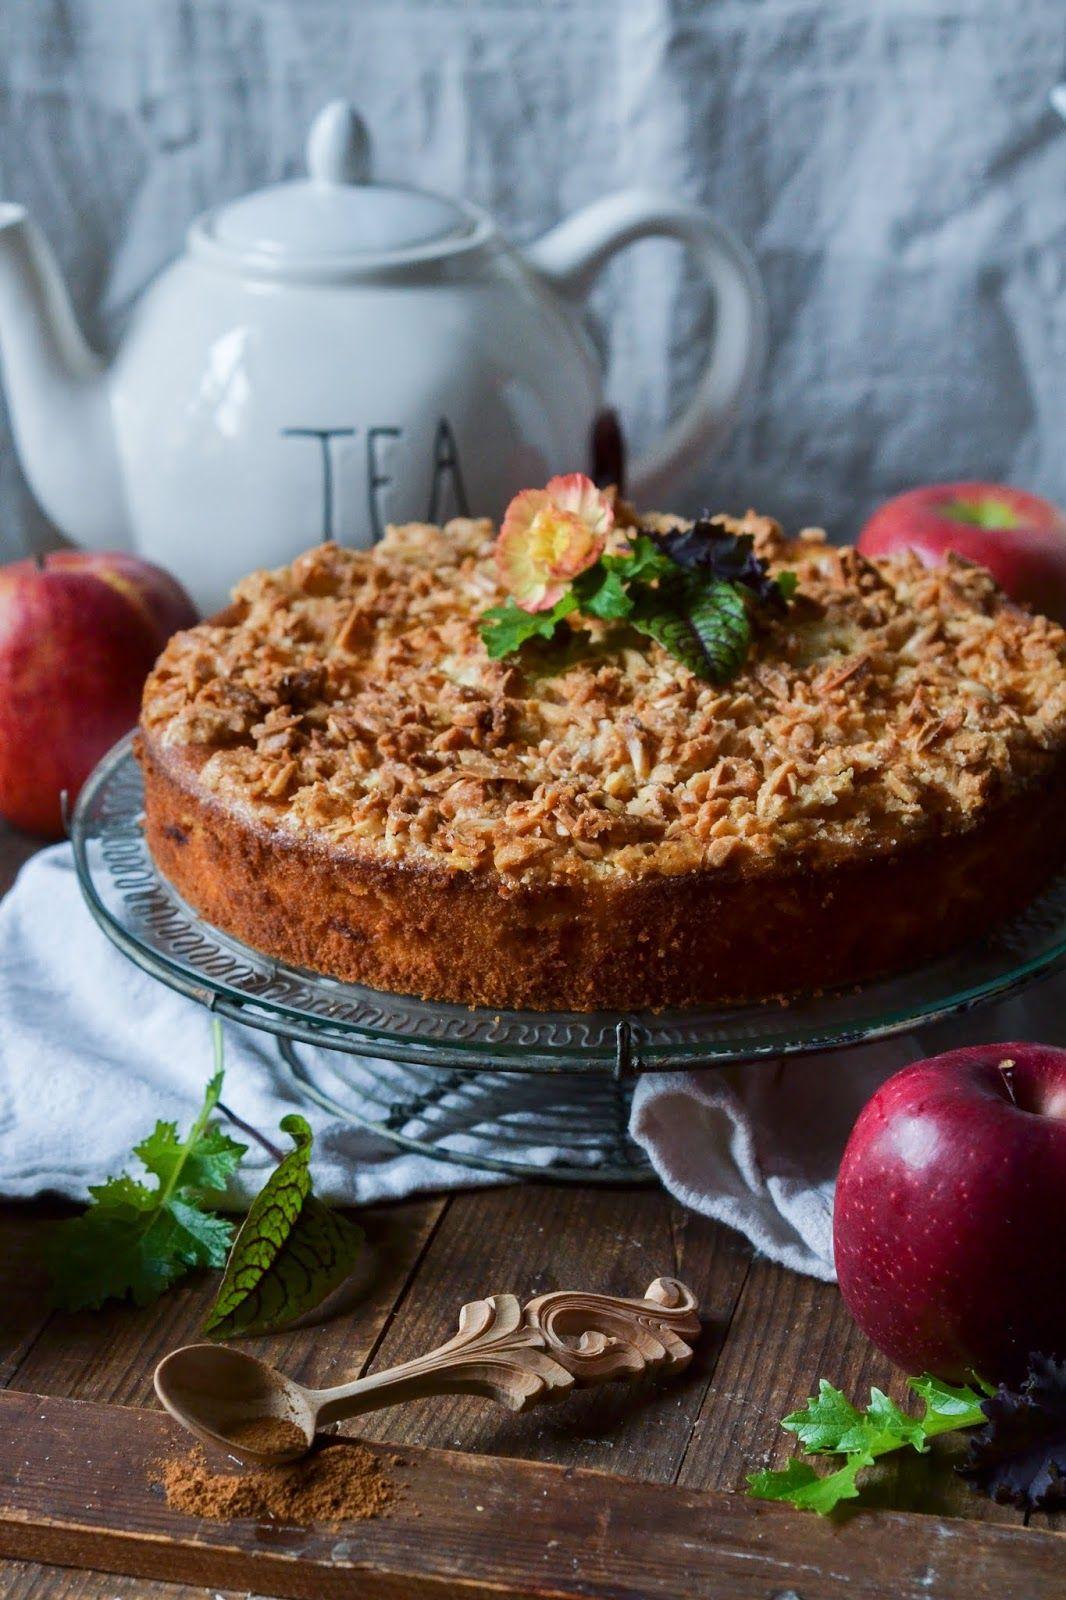 Schneller Einfacher Apfelkuchen Apfeltorte Apfelkuchen Sehr Fein Apfelkuchen Rezept Apfeltorte